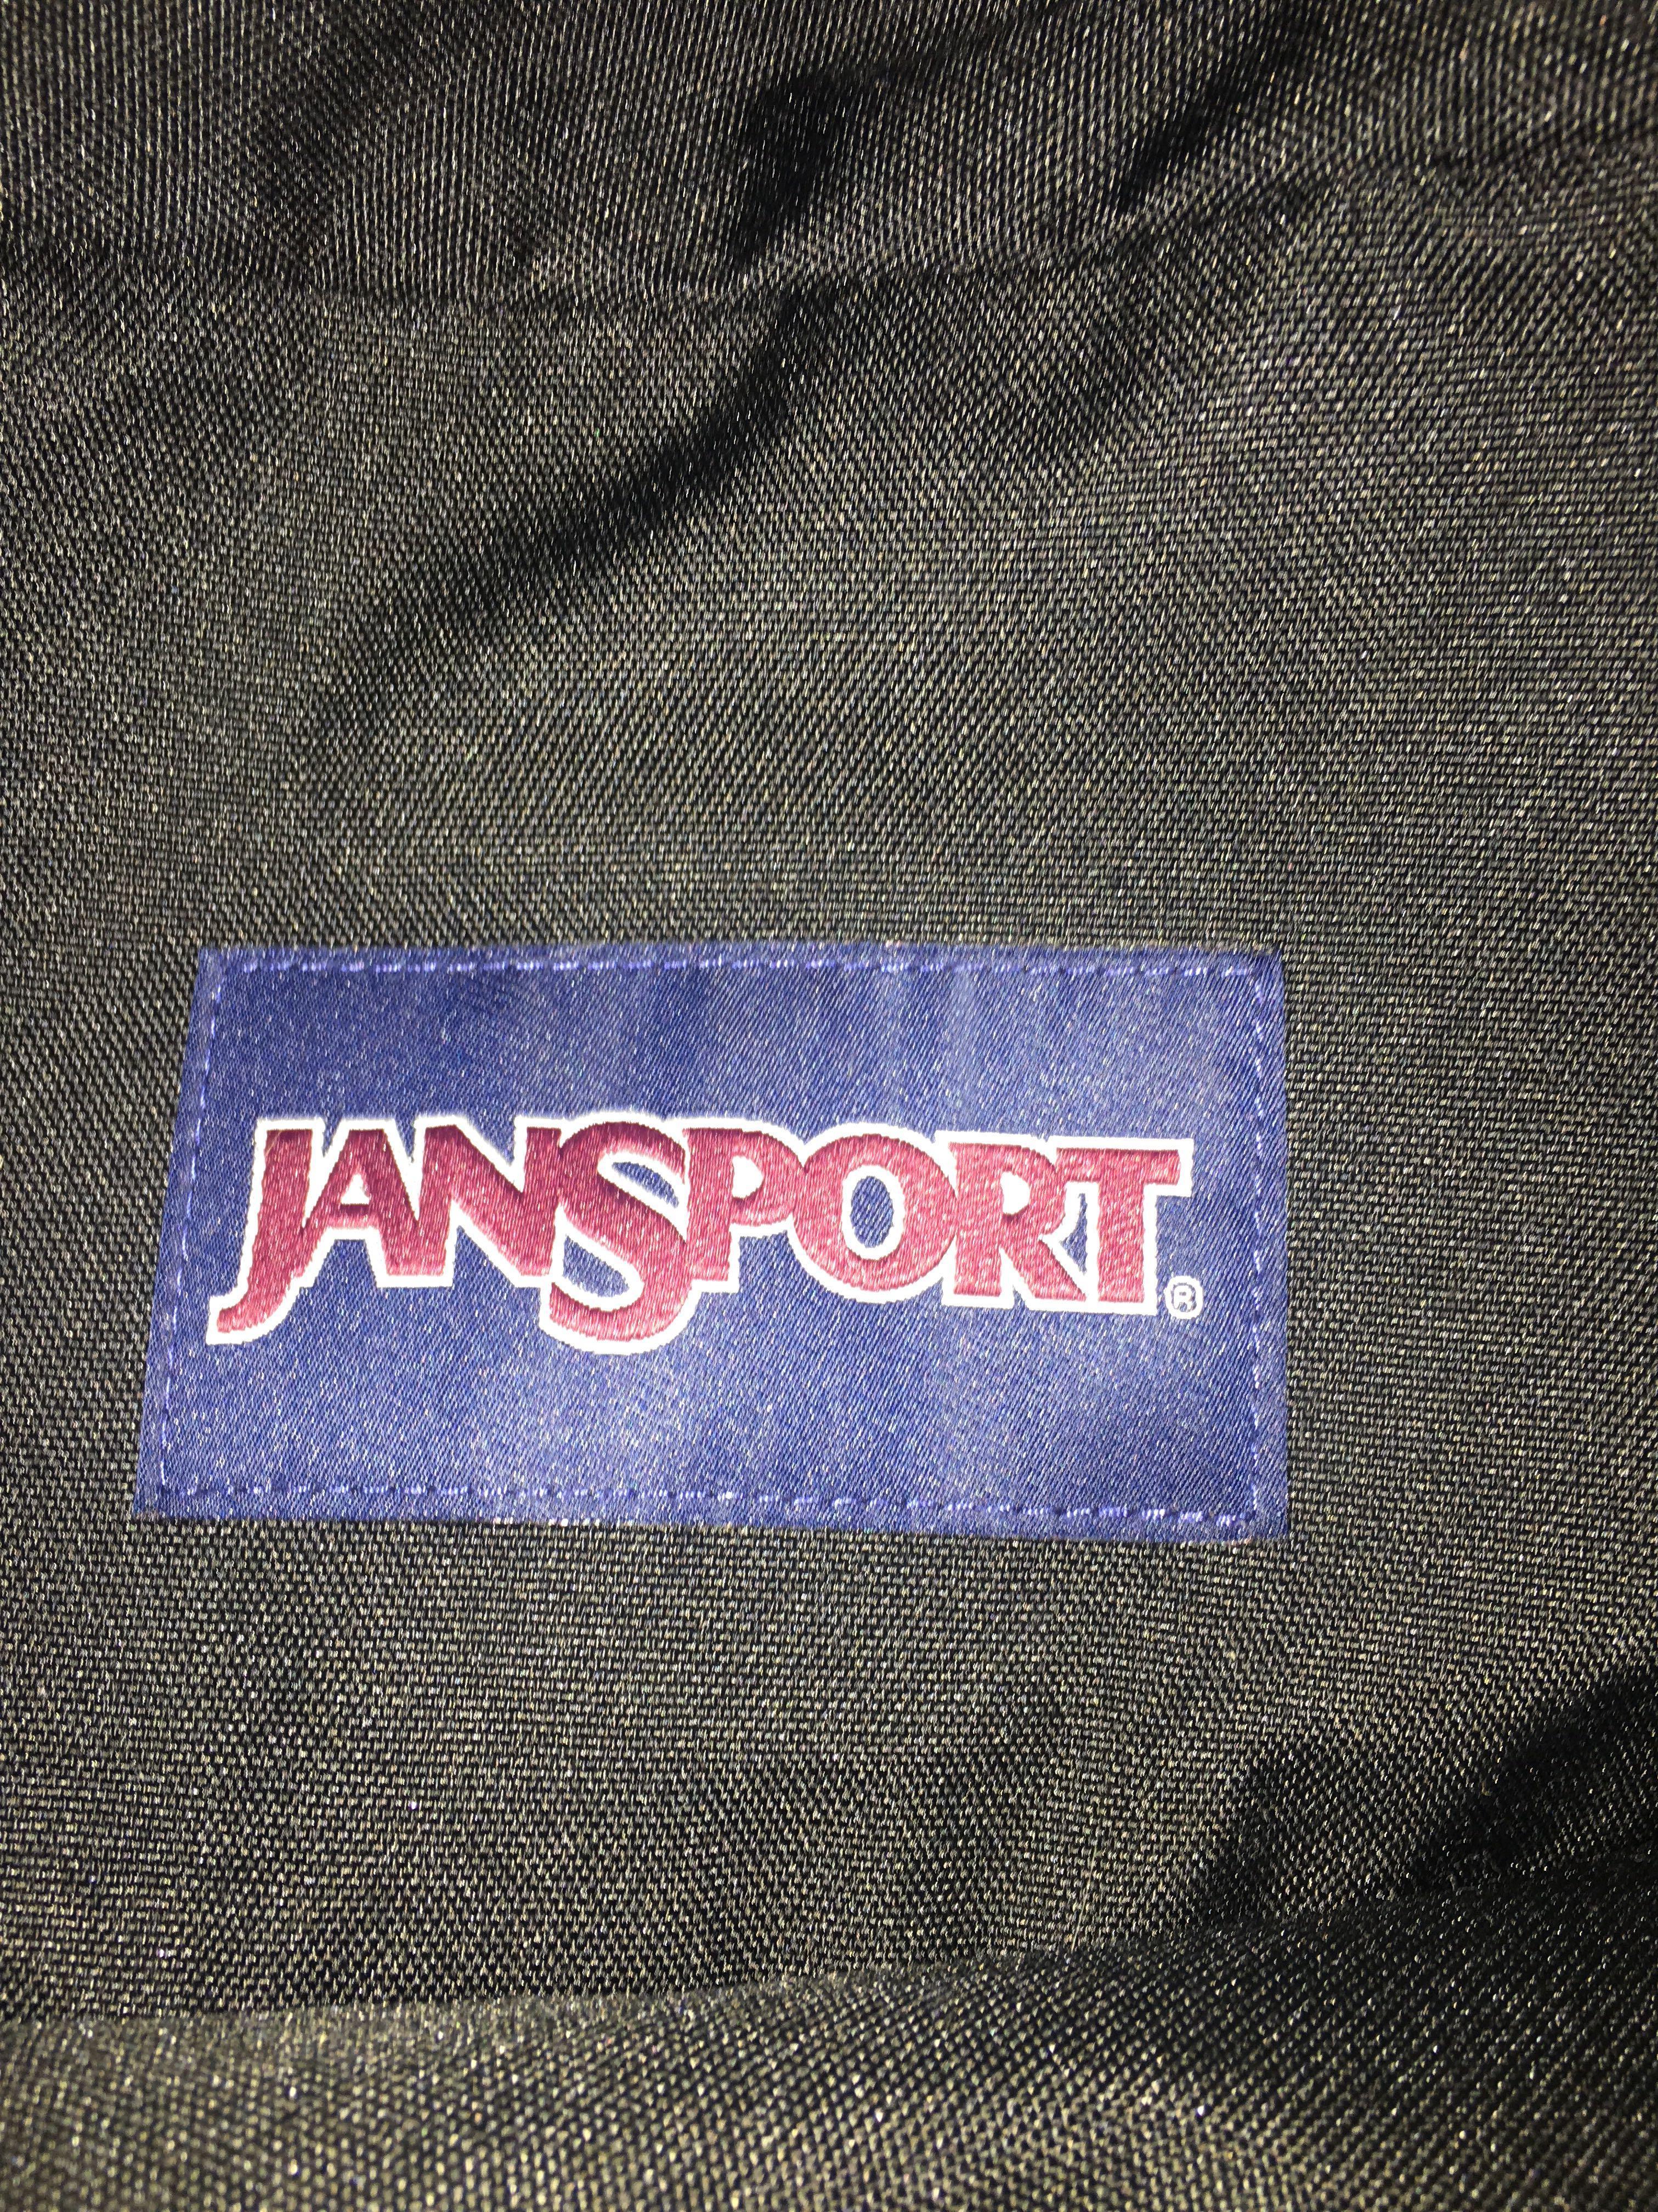 BLACK JANSPORT BAG